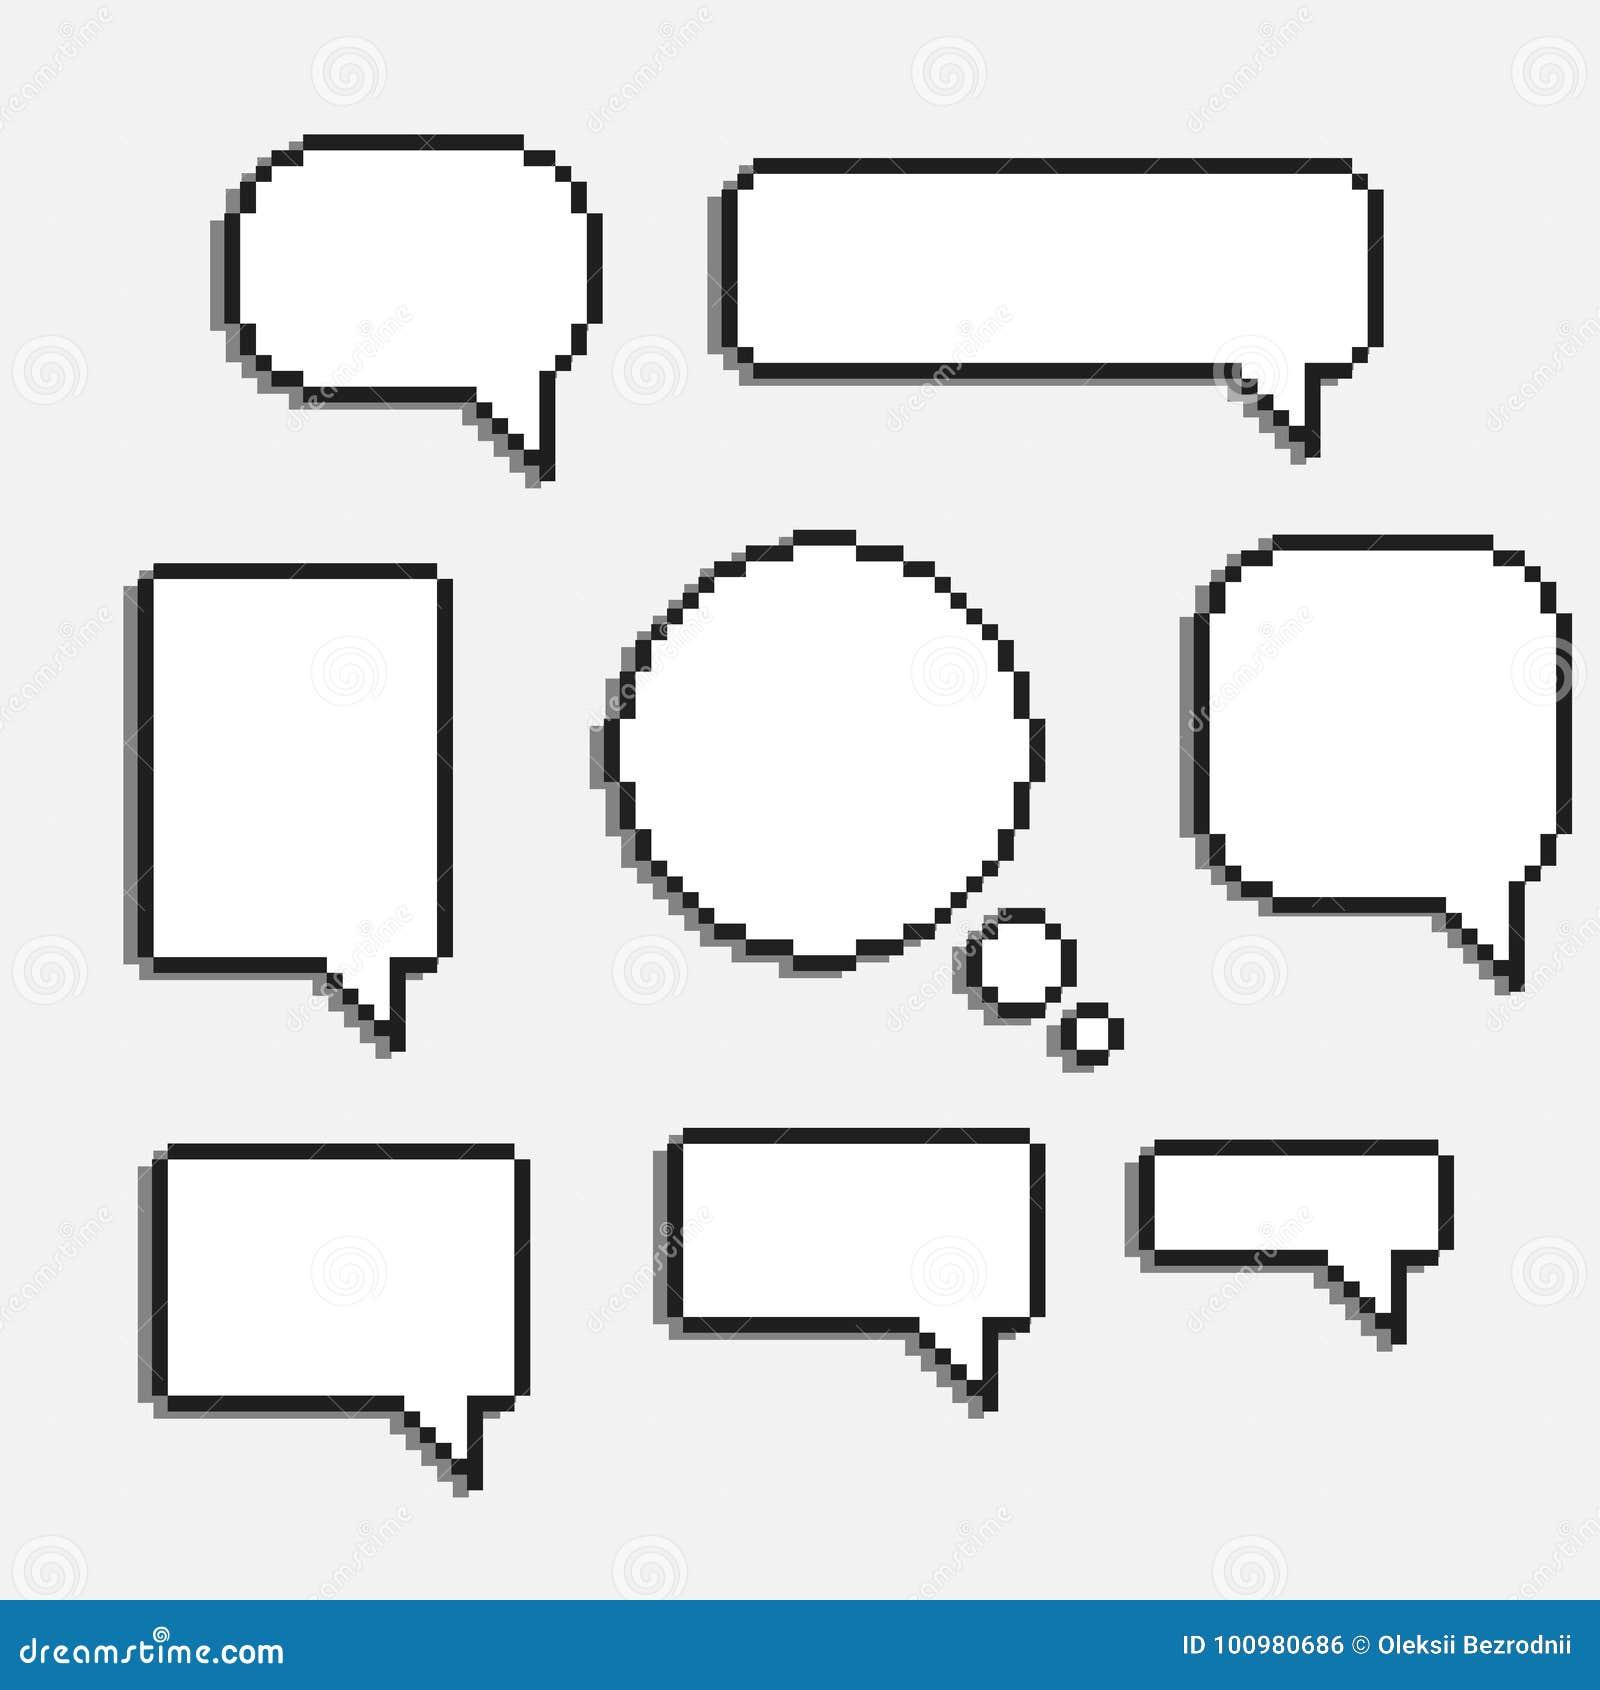 images?q=tbn:ANd9GcQh_l3eQ5xwiPy07kGEXjmjgmBKBRB7H2mRxCGhv1tFWg5c_mWT Pixel Art Text @koolgadgetz.com.info